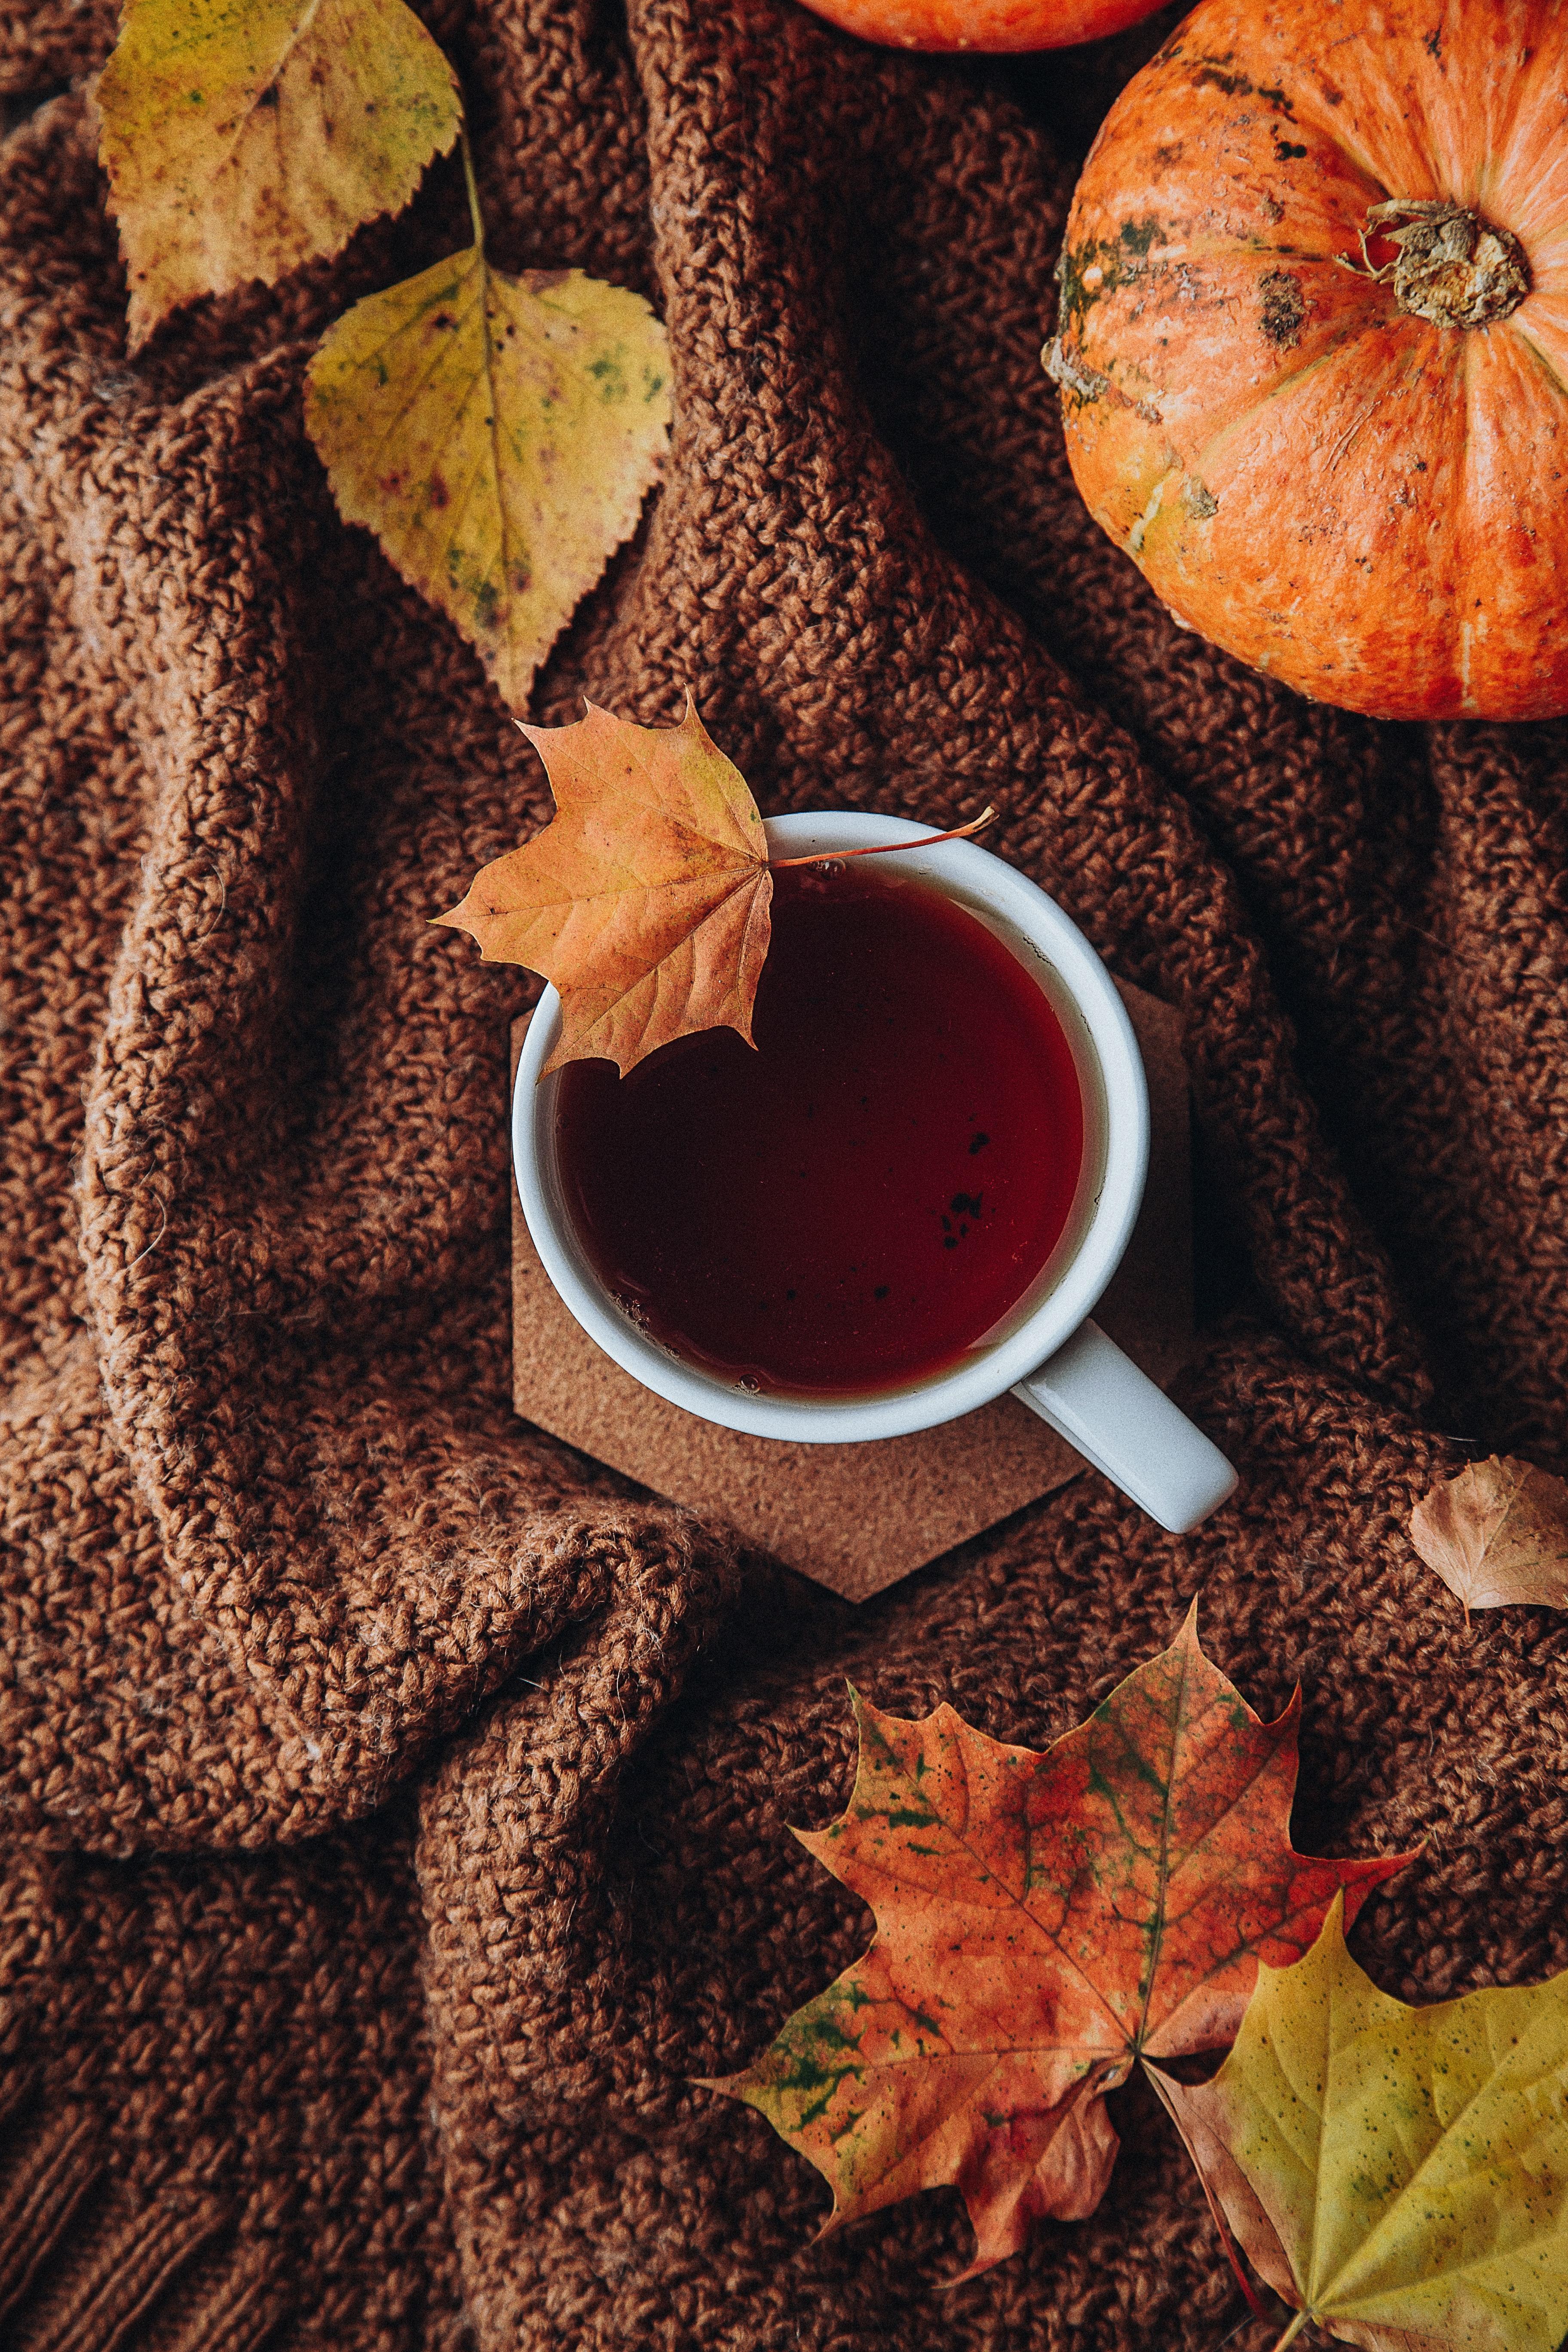 52232 Hintergrundbild herunterladen Herbst, Blätter, Verschiedenes, Sonstige, Eine Tasse, Tasse, Tee, Gemütlichkeit, Komfort - Bildschirmschoner und Bilder kostenlos